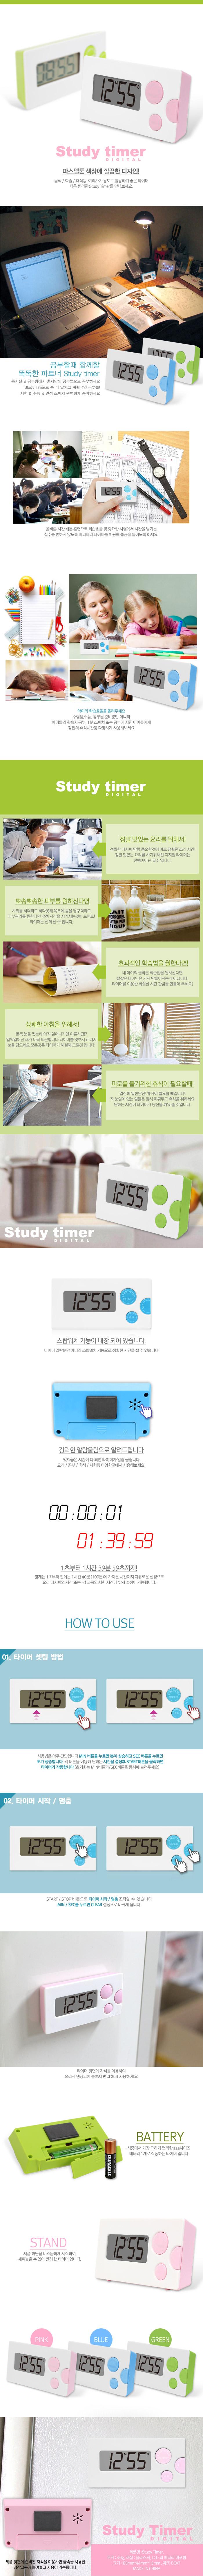 국가고시 토익 수능시험 학습지 타이머 Study timer - 심플, 6,800원, 알람/탁상시계, LED/디지털시계